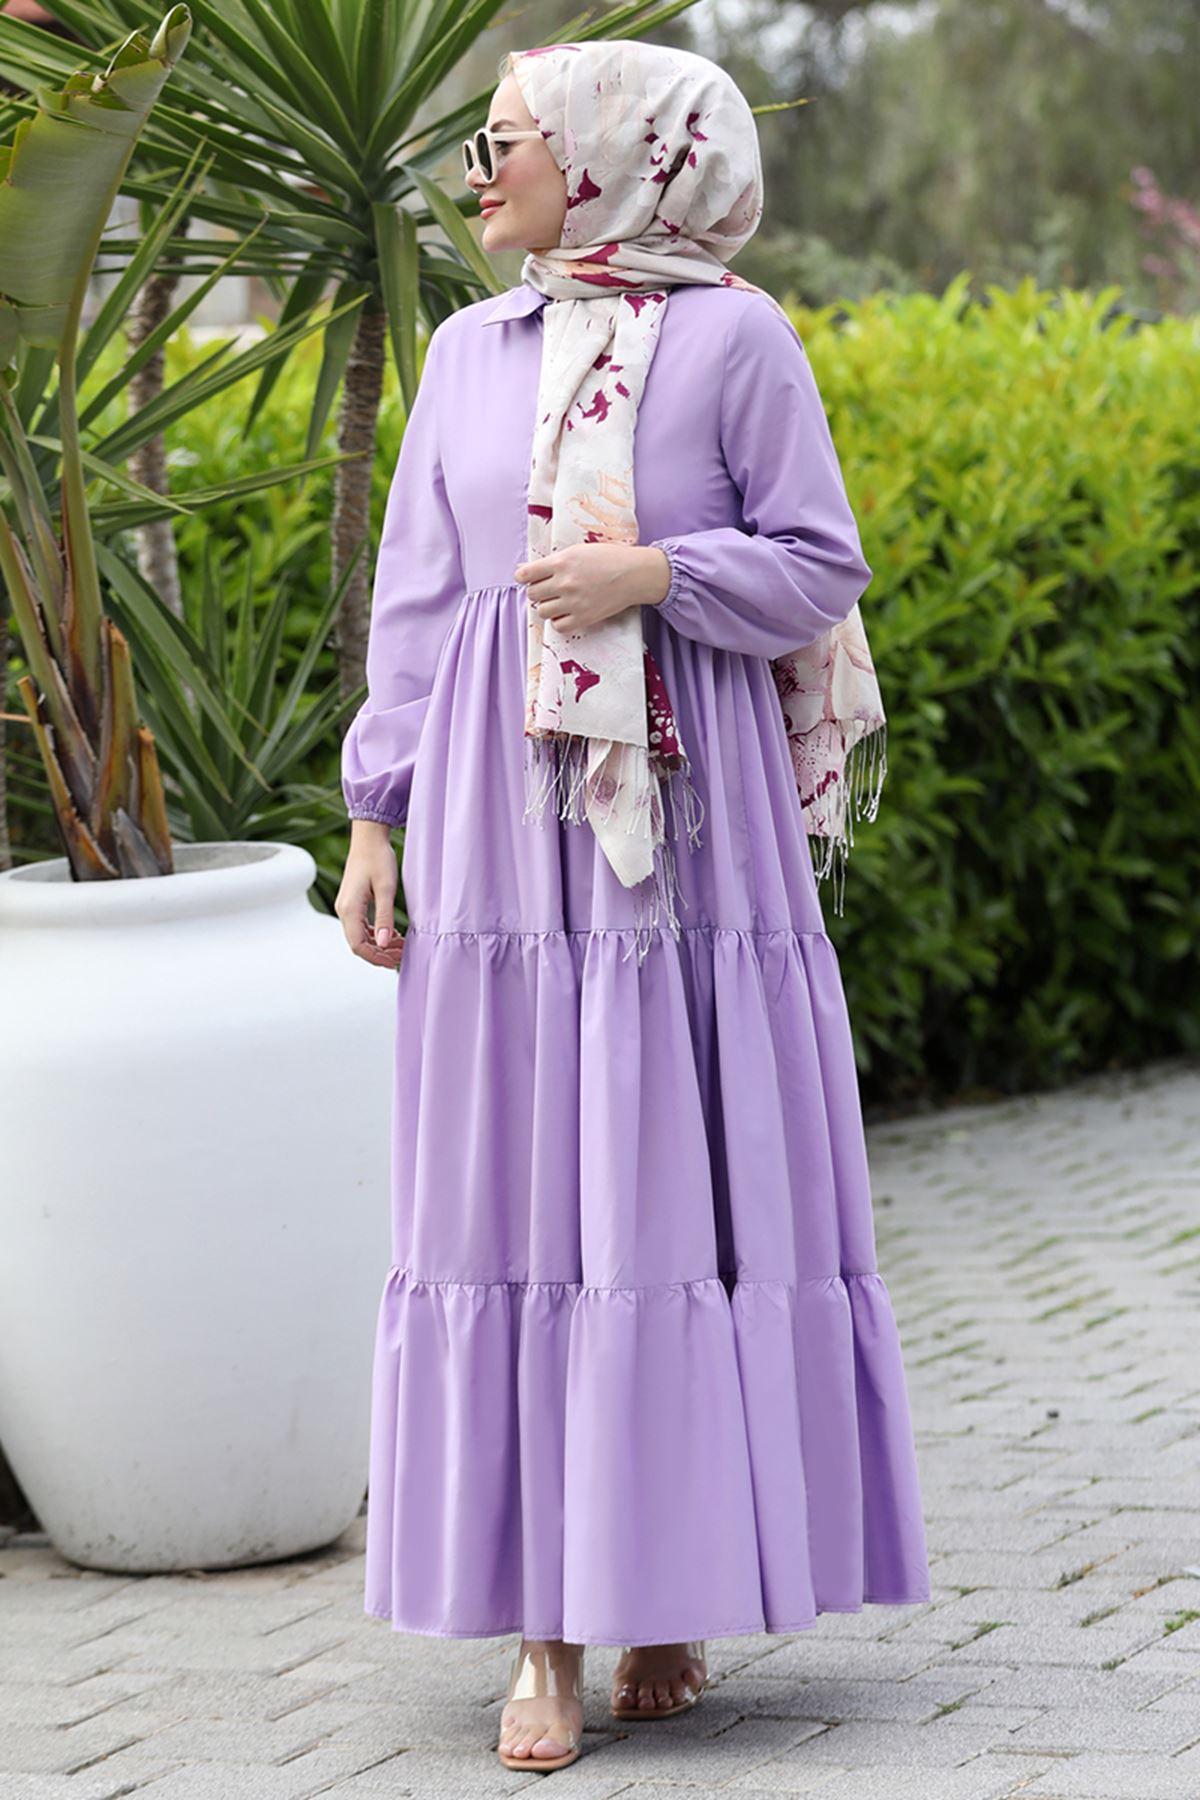 Seda Tiryaki Alaçatı Elbise Leylak SED3706